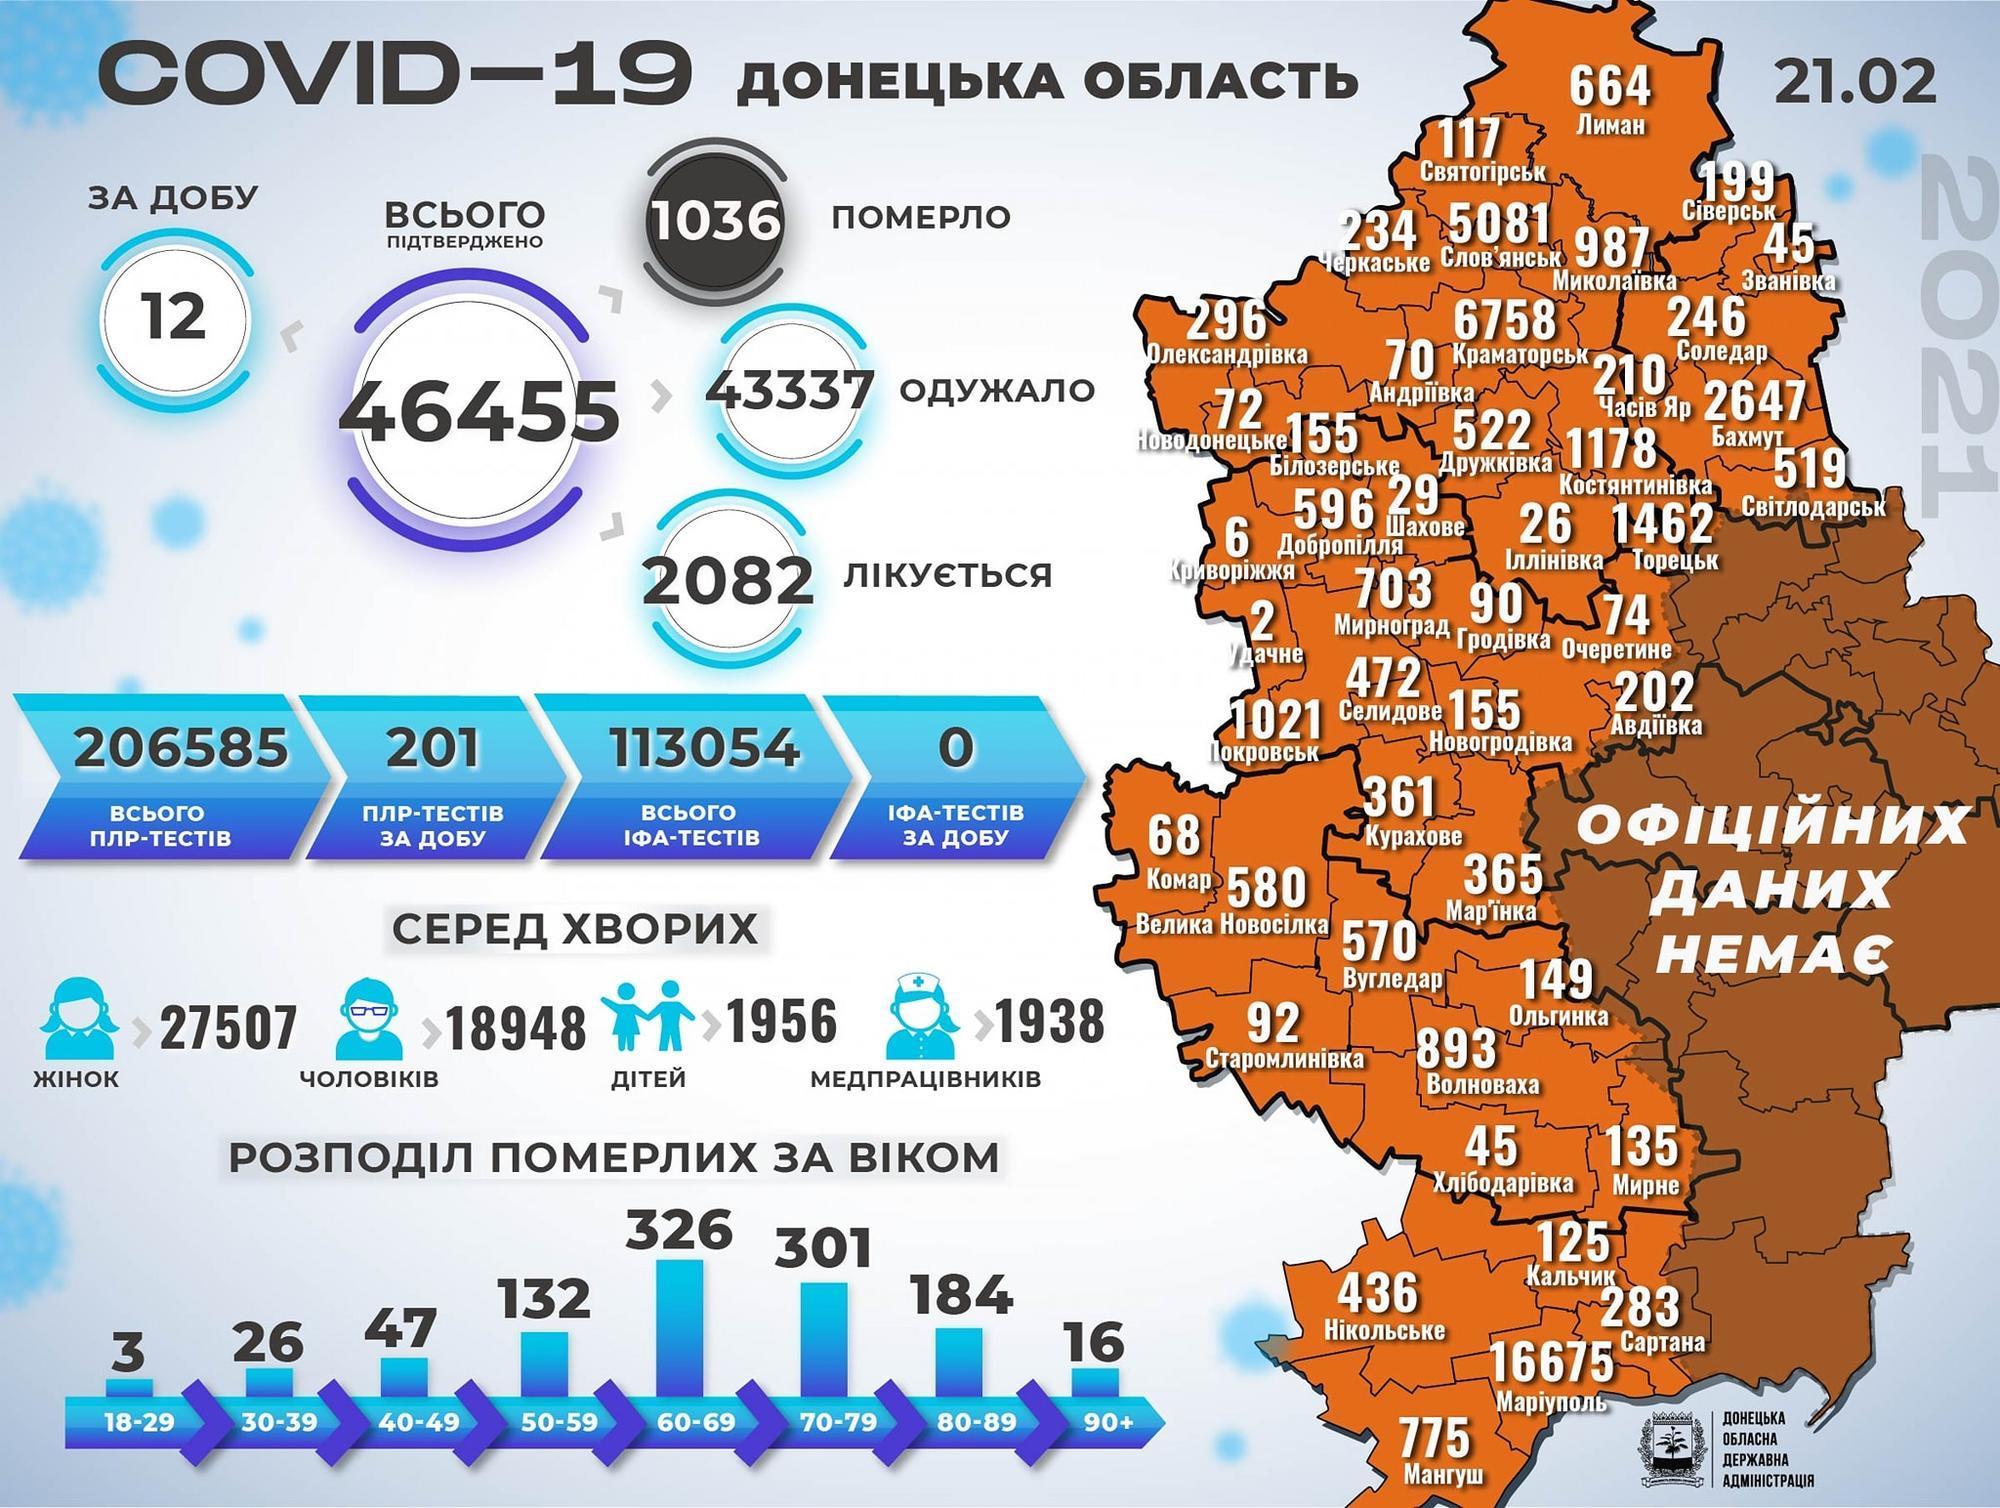 Коронавирус на Донетчине по состоянию на 22 февраля